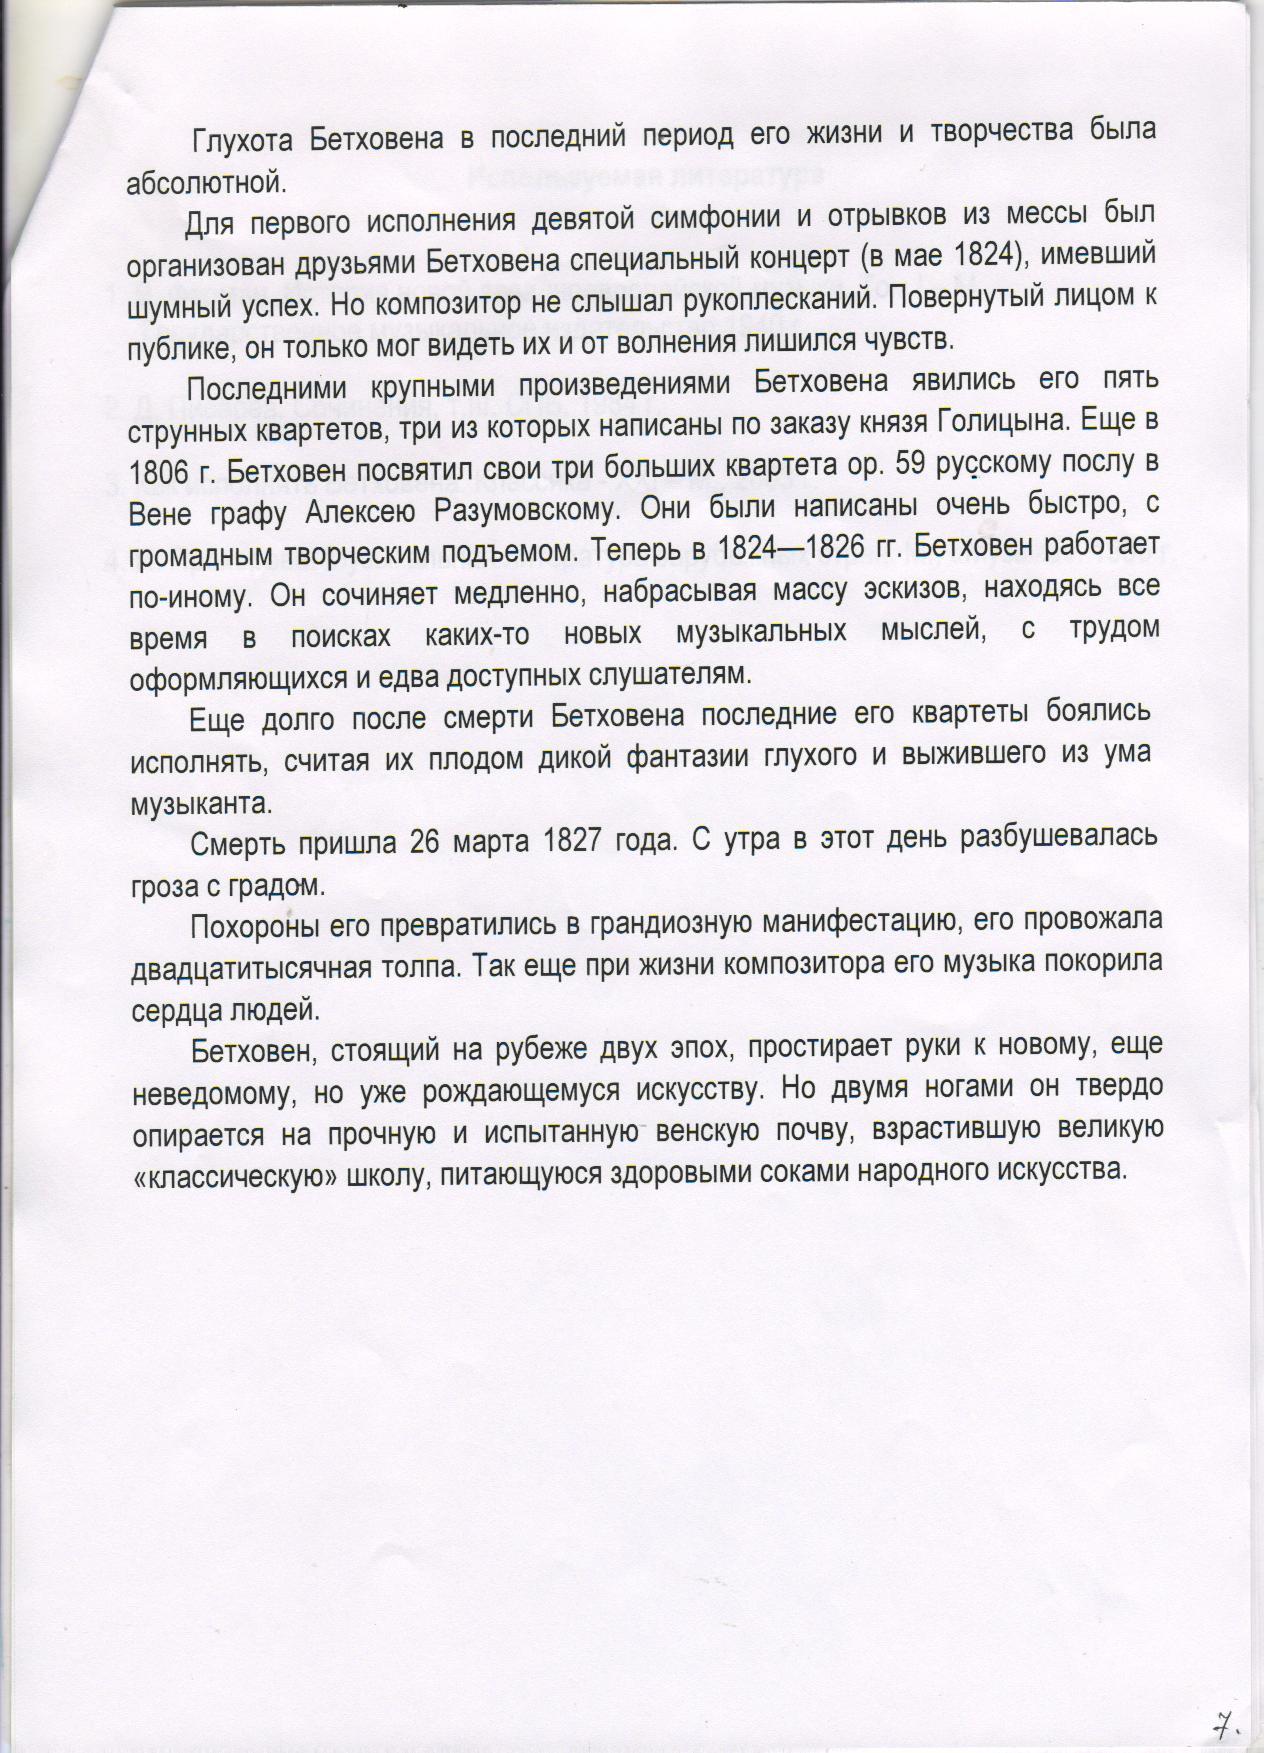 C:\Documents and Settings\Учитель\Рабочий стол\творчество Бетховена.jpg